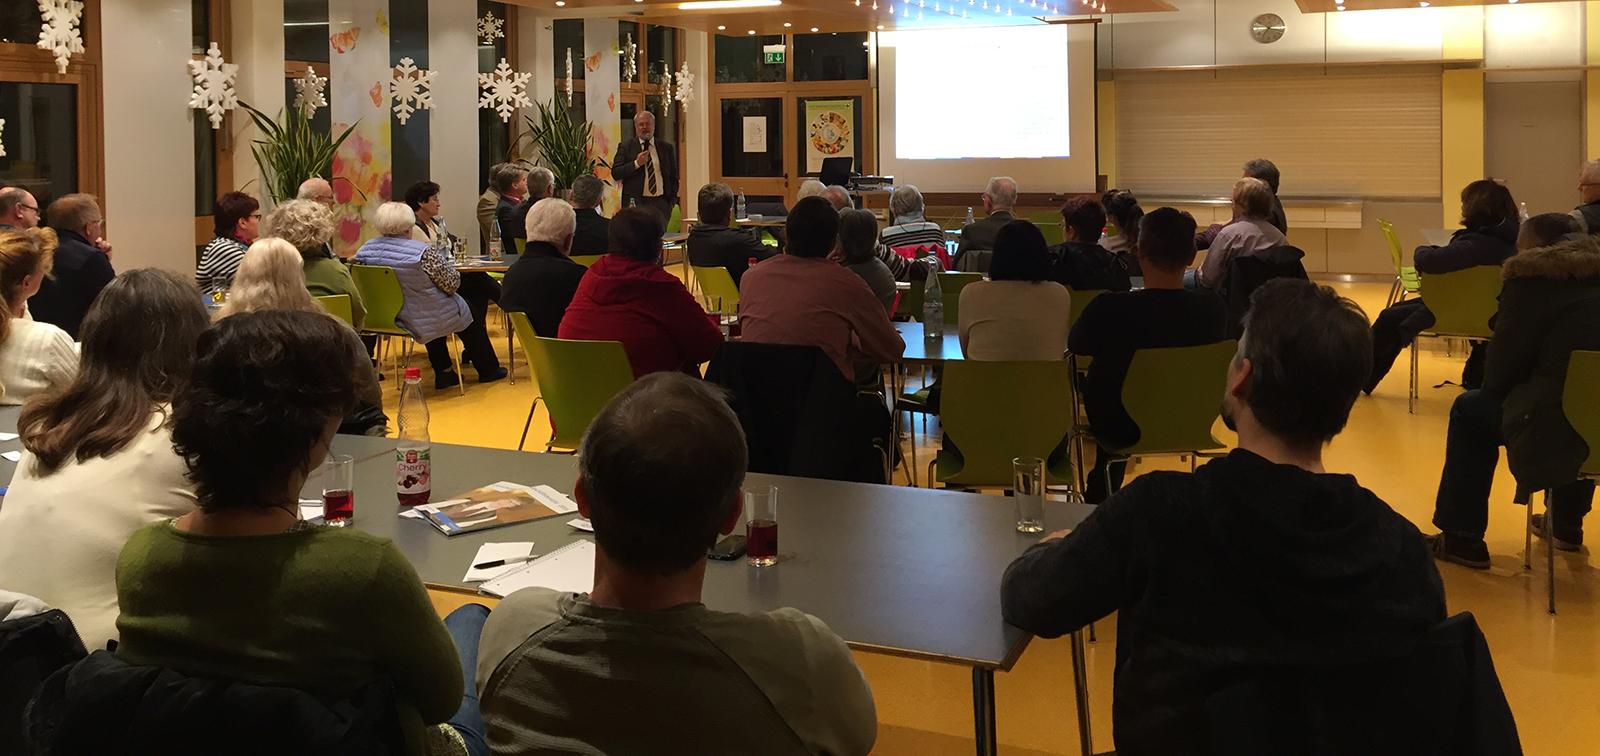 Elternabend: Notar Weser informierte